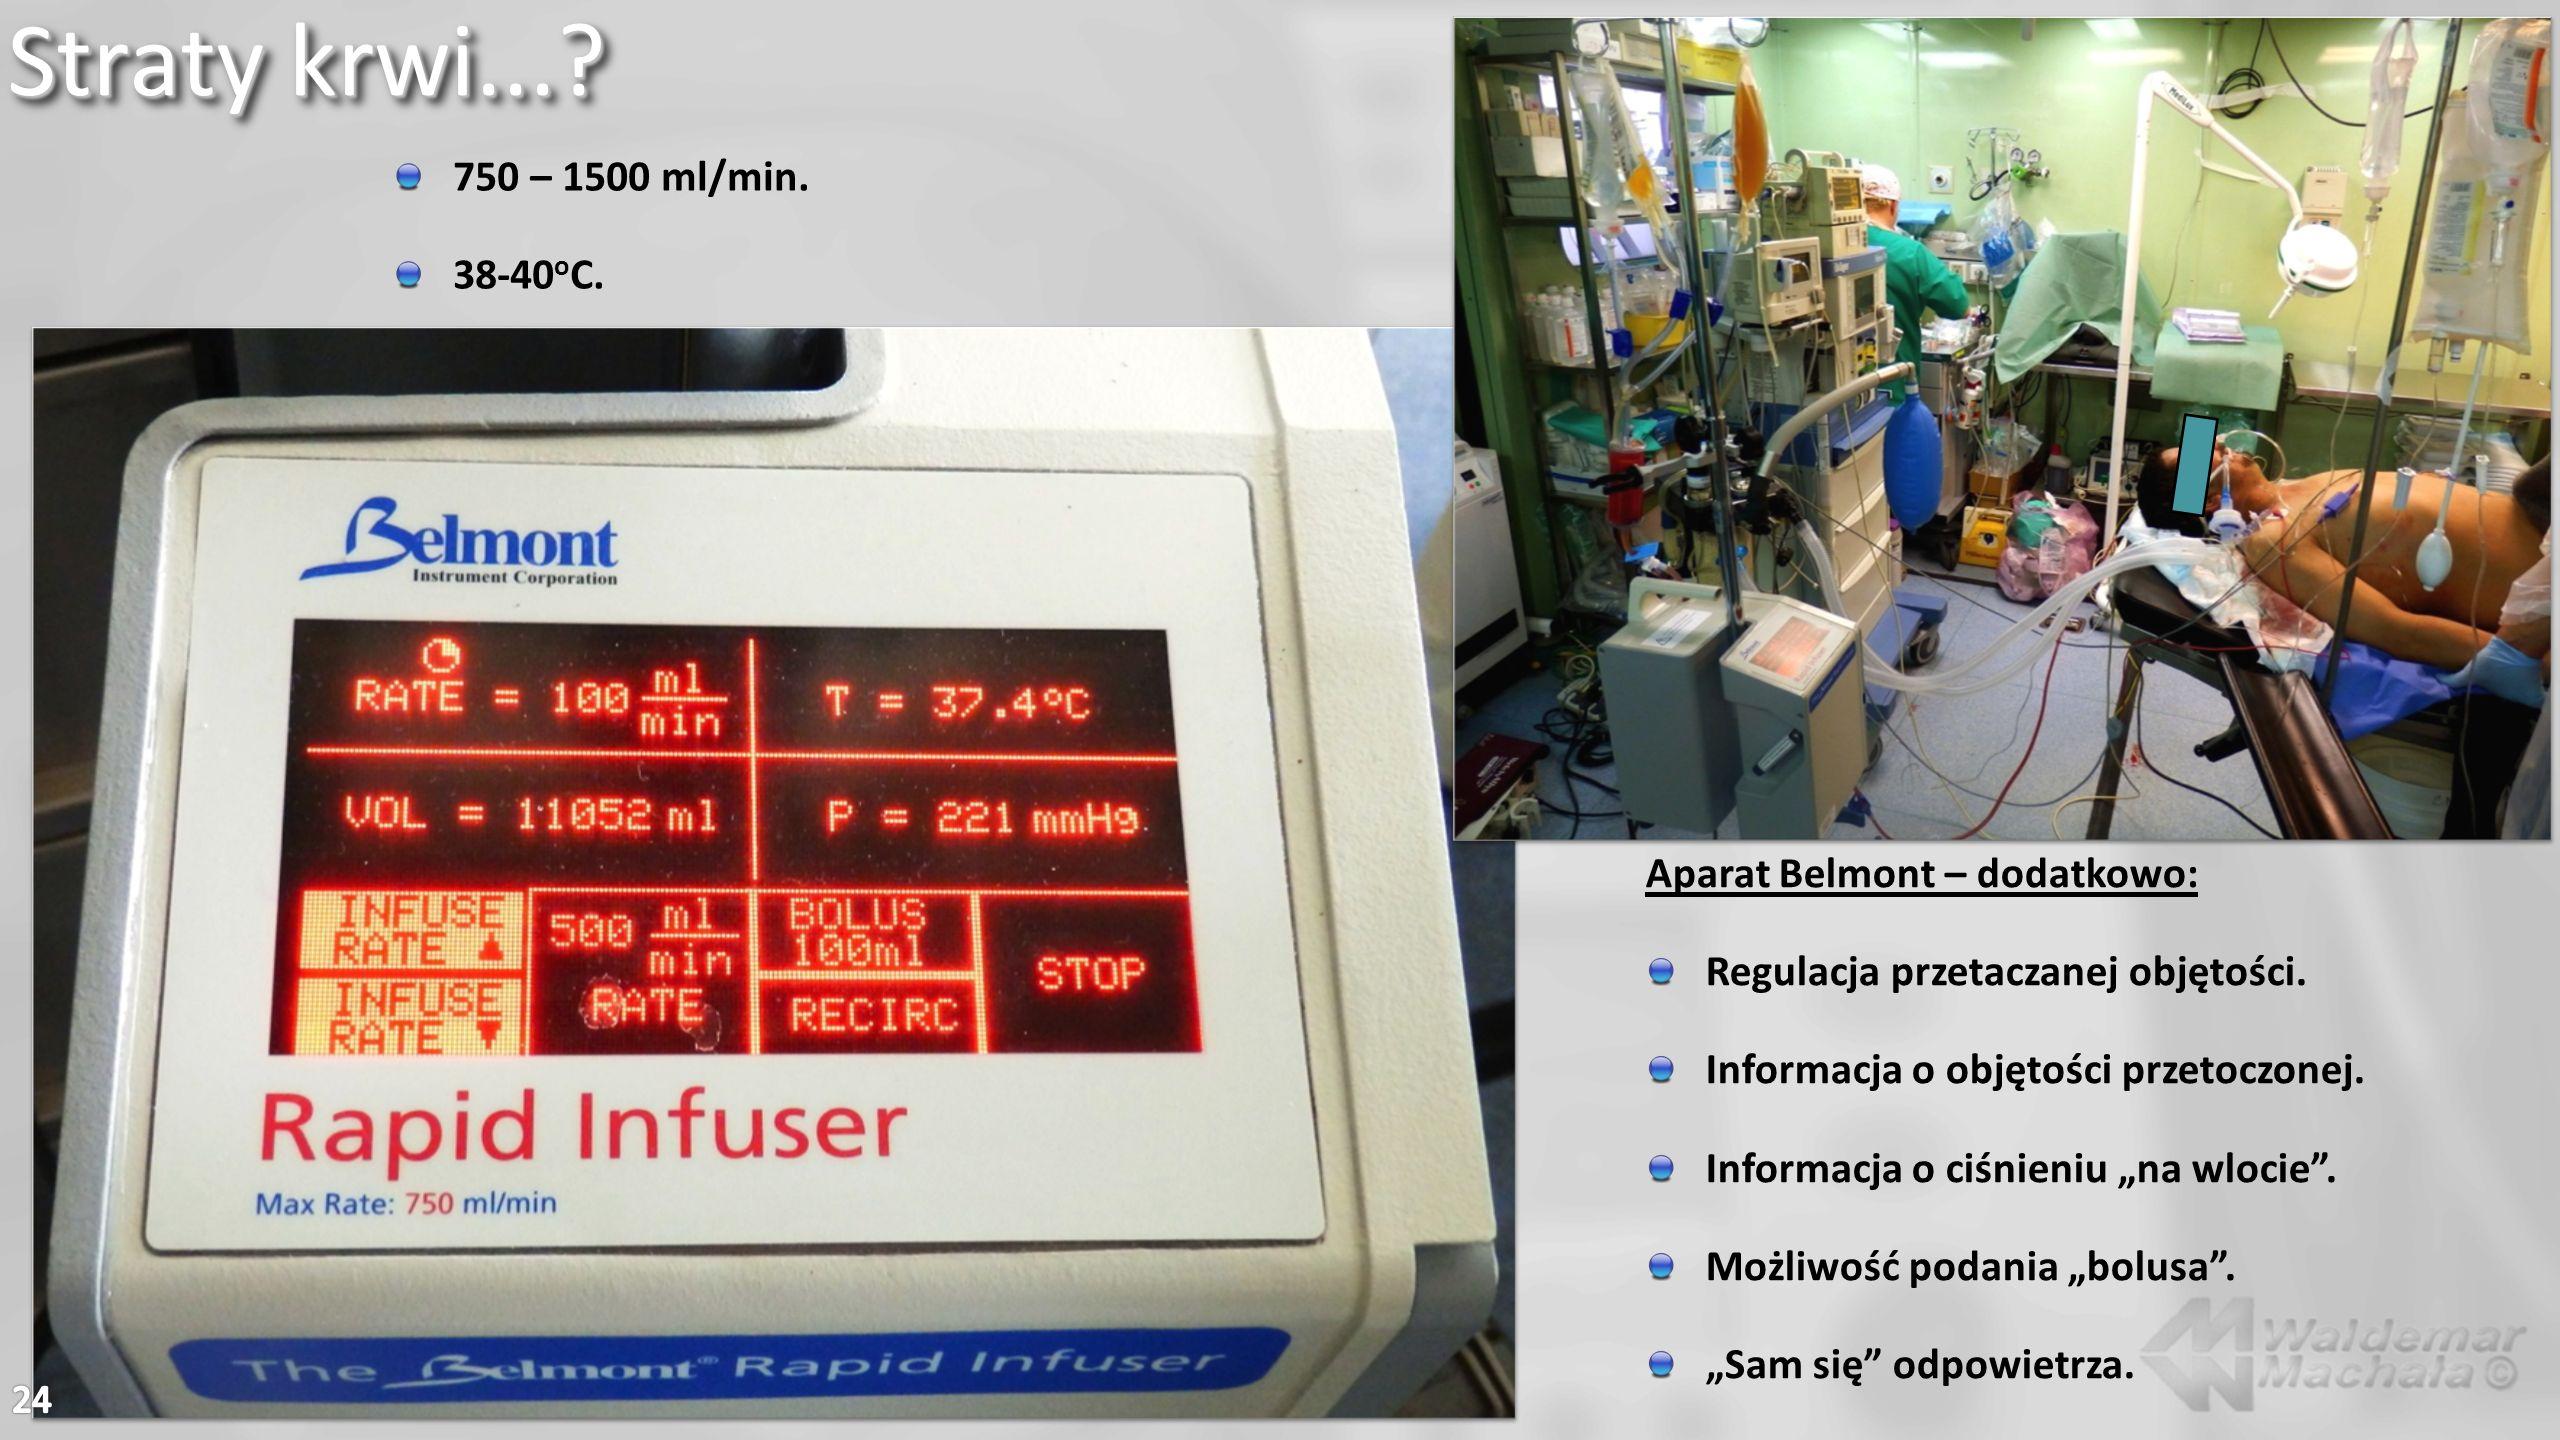 Straty krwi... 750 – 1500 ml/min. 38-40oC.